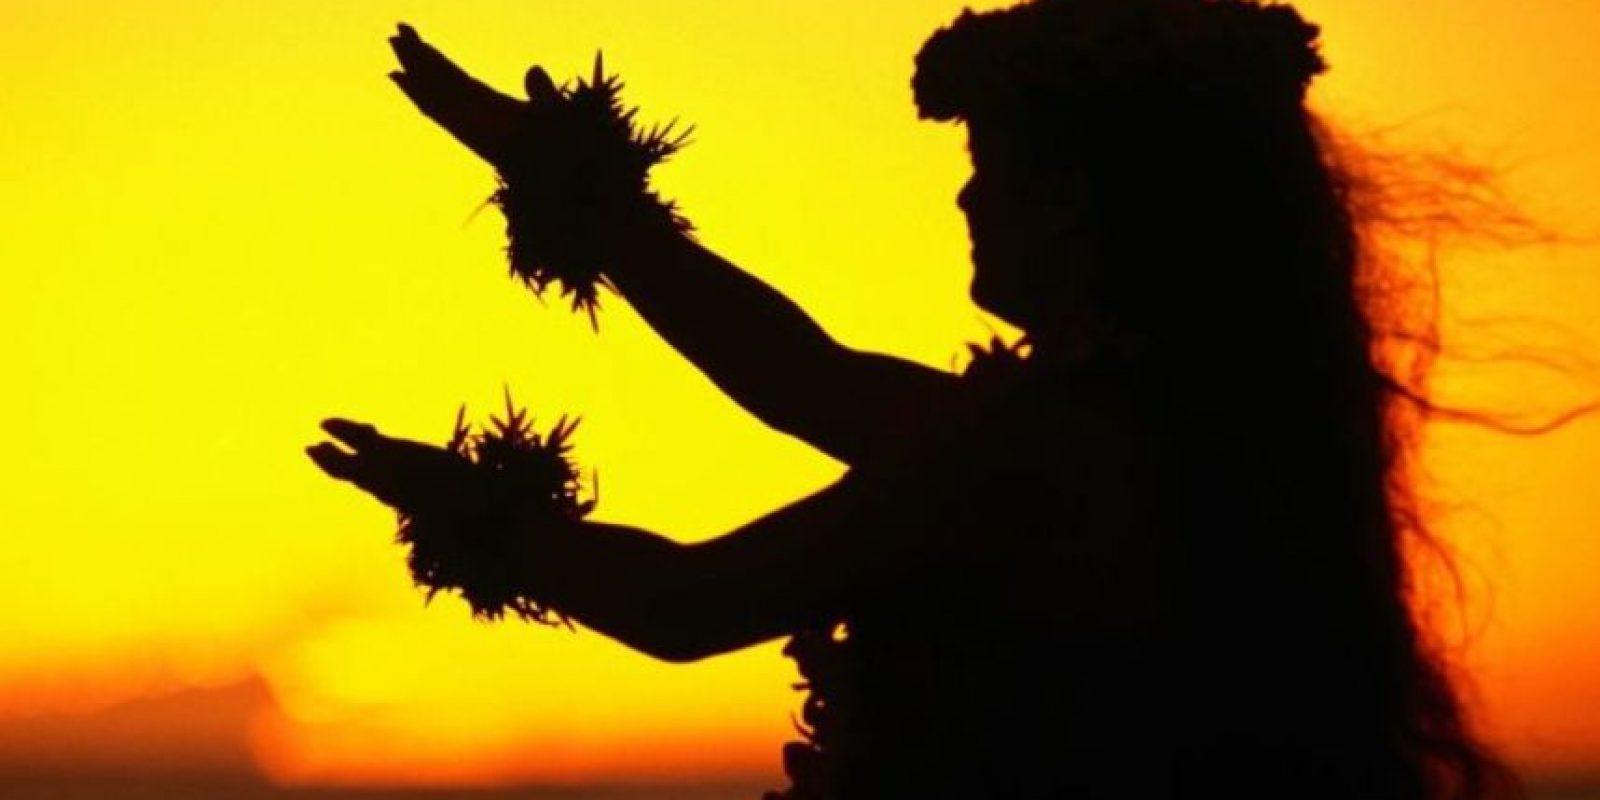 """""""Talula hace el hula hula"""": una niña de 9 años de Nueva Zelanda fue custodiada por las autoridades hasta que le cambiaran el nombre. Foto:vía Getty Images"""